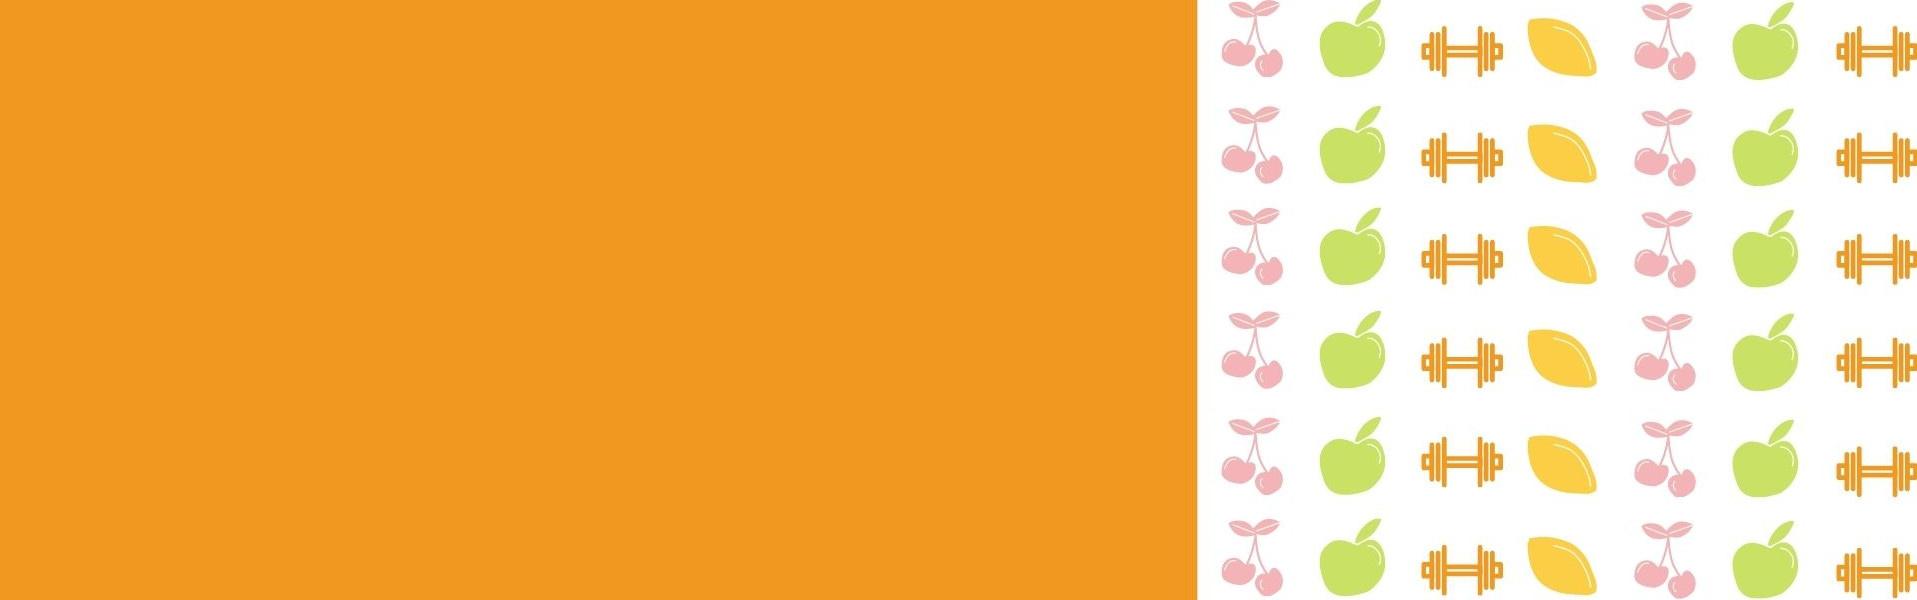 """<p><span style=""""color:#FFFFFF;"""">NUTRICIÓN DEPORTIVA</span></p>"""